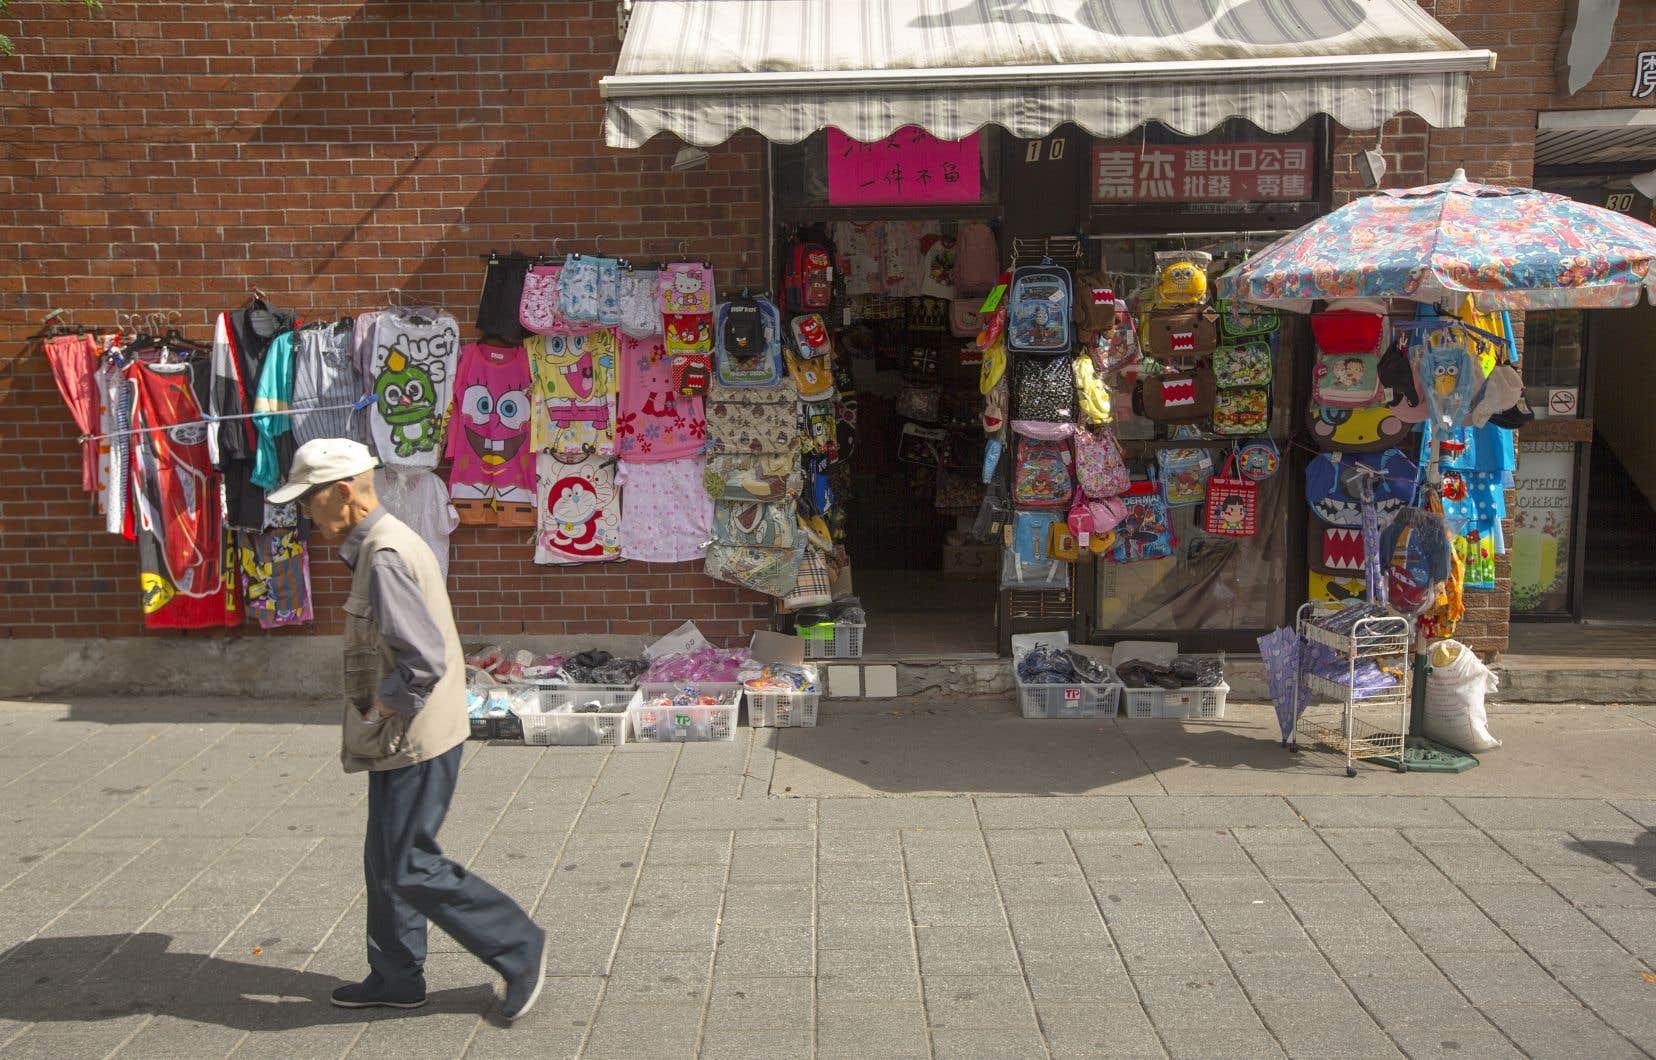 La COVID-19 a entraîné une hausse significative des messages haineux envers la Chine et les Chinois.